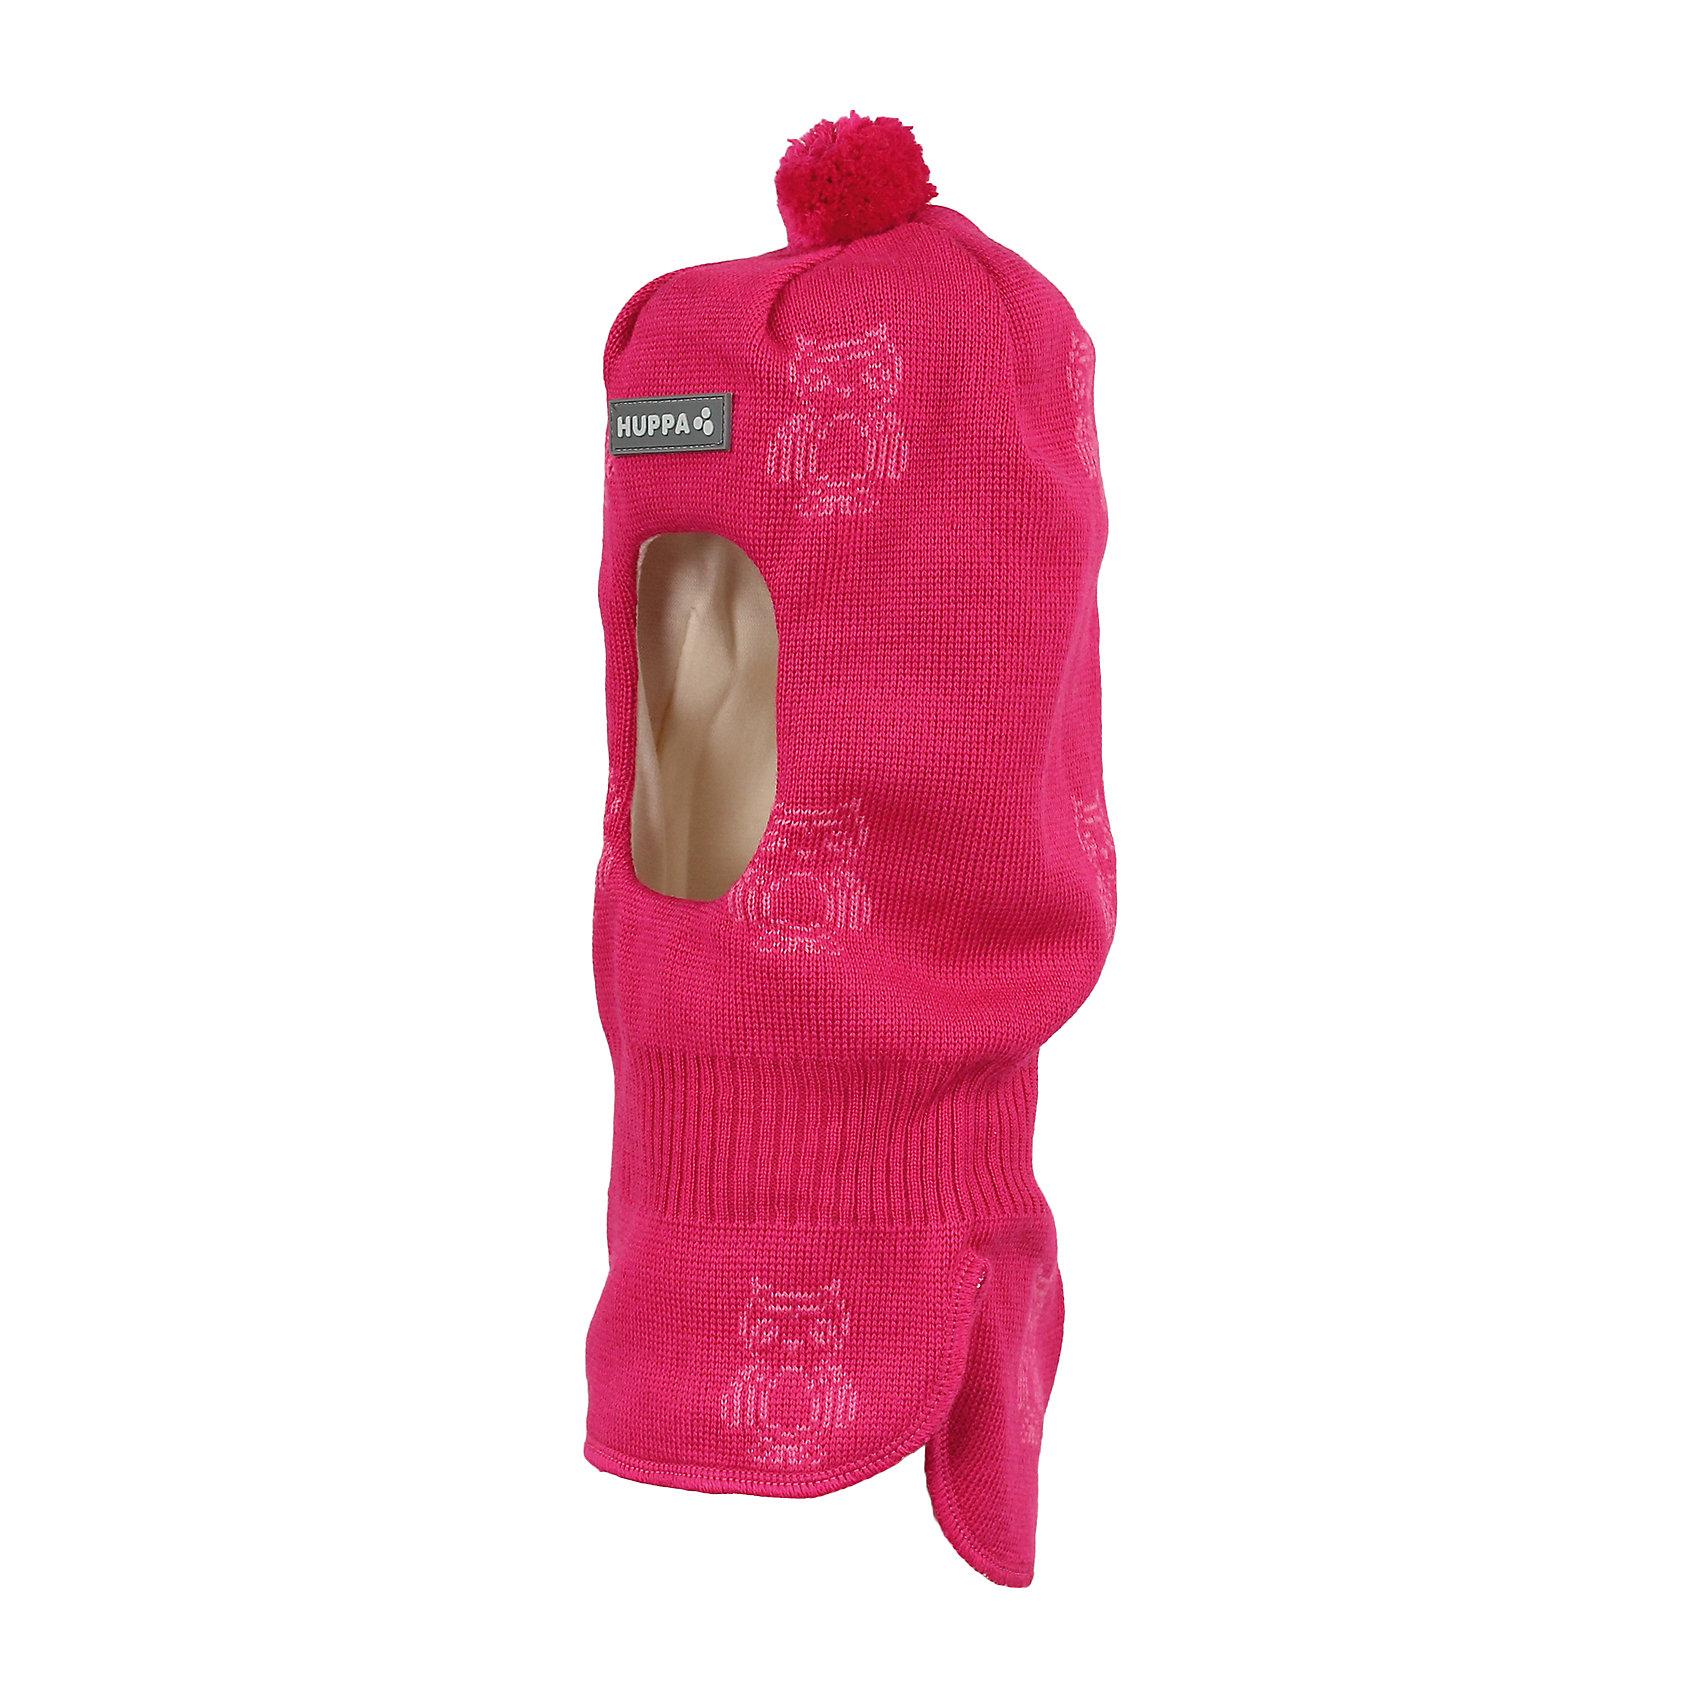 Шапка-шлем для девочки HuppaГоловные уборы<br>Вязаная шапка-шлем с симпатичными совами для малышей. У шапки подкладка из хлопкового трикотажа, наружная часть из смеси 50% мериносовой шерсти и 50% акриловой пряжи. Шапка-шлем с одним помпоном идеальна для прогулок во дворе в зимние холода, потому что защищает шею и уши ребенка от холодного ветра. Особенно удобно ее надевать ребенку самому, потому что вместо двух аксессуаров нужно надеть только один.<br><br>Шапку-шлем для девочки Huppa (Хуппа) можно купить в нашем магазине.<br><br>Ширина мм: 89<br>Глубина мм: 117<br>Высота мм: 44<br>Вес г: 155<br>Цвет: розовый<br>Возраст от месяцев: 9<br>Возраст до месяцев: 12<br>Пол: Женский<br>Возраст: Детский<br>Размер: 43-45,47-49,51-53<br>SKU: 4243040